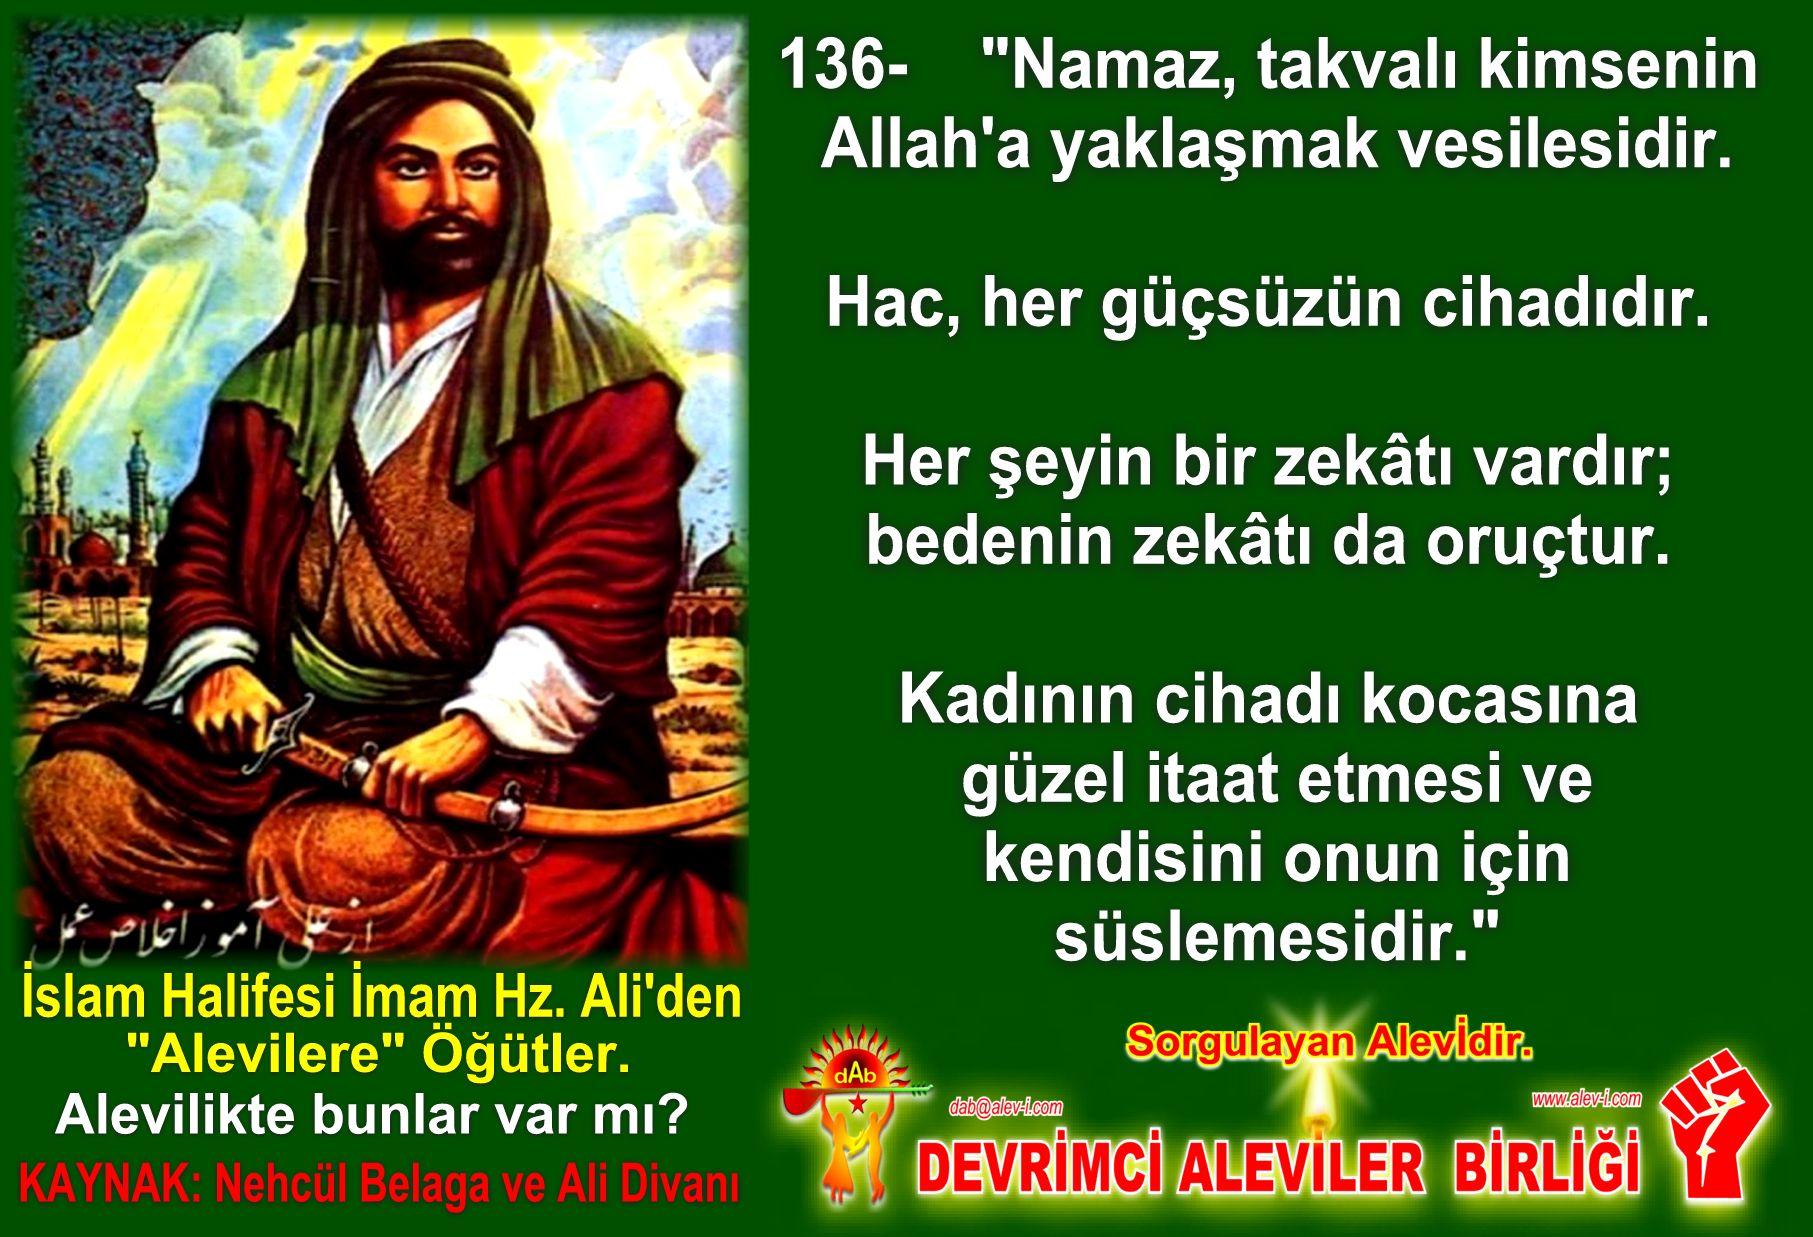 12 Hz imam Ali divani Alevi bektasi kizilbas pir sultan cemevi cem semah devrimci aleviler birligi DAB Feramuz Sah Acar halife imam aliden inciler1